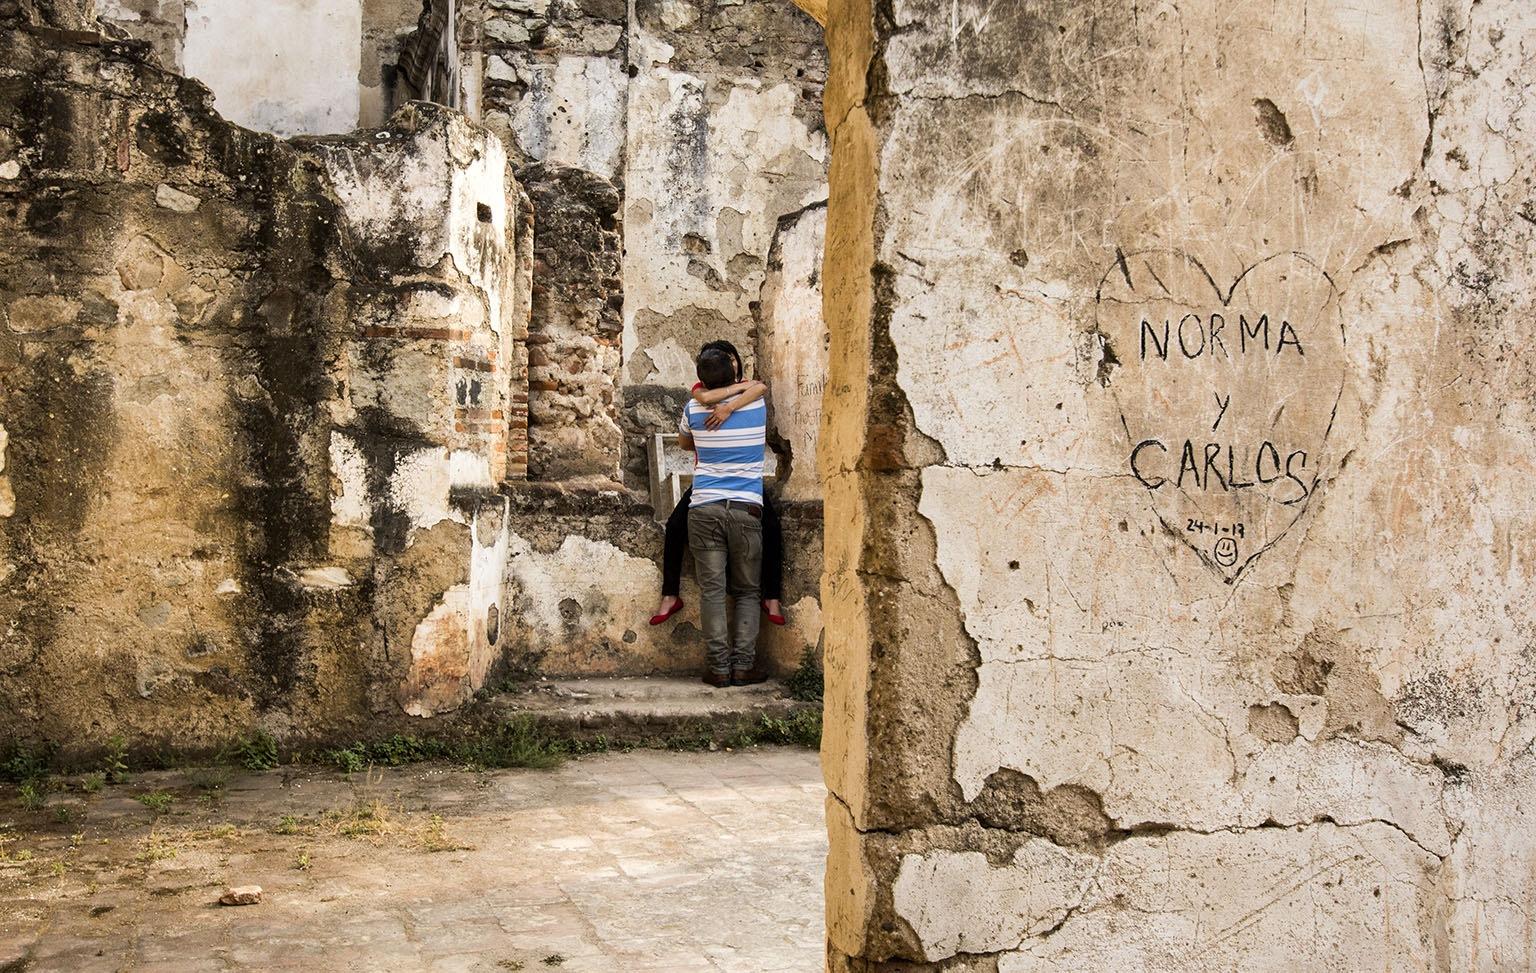 Norma Y Carlos by patrick.pii